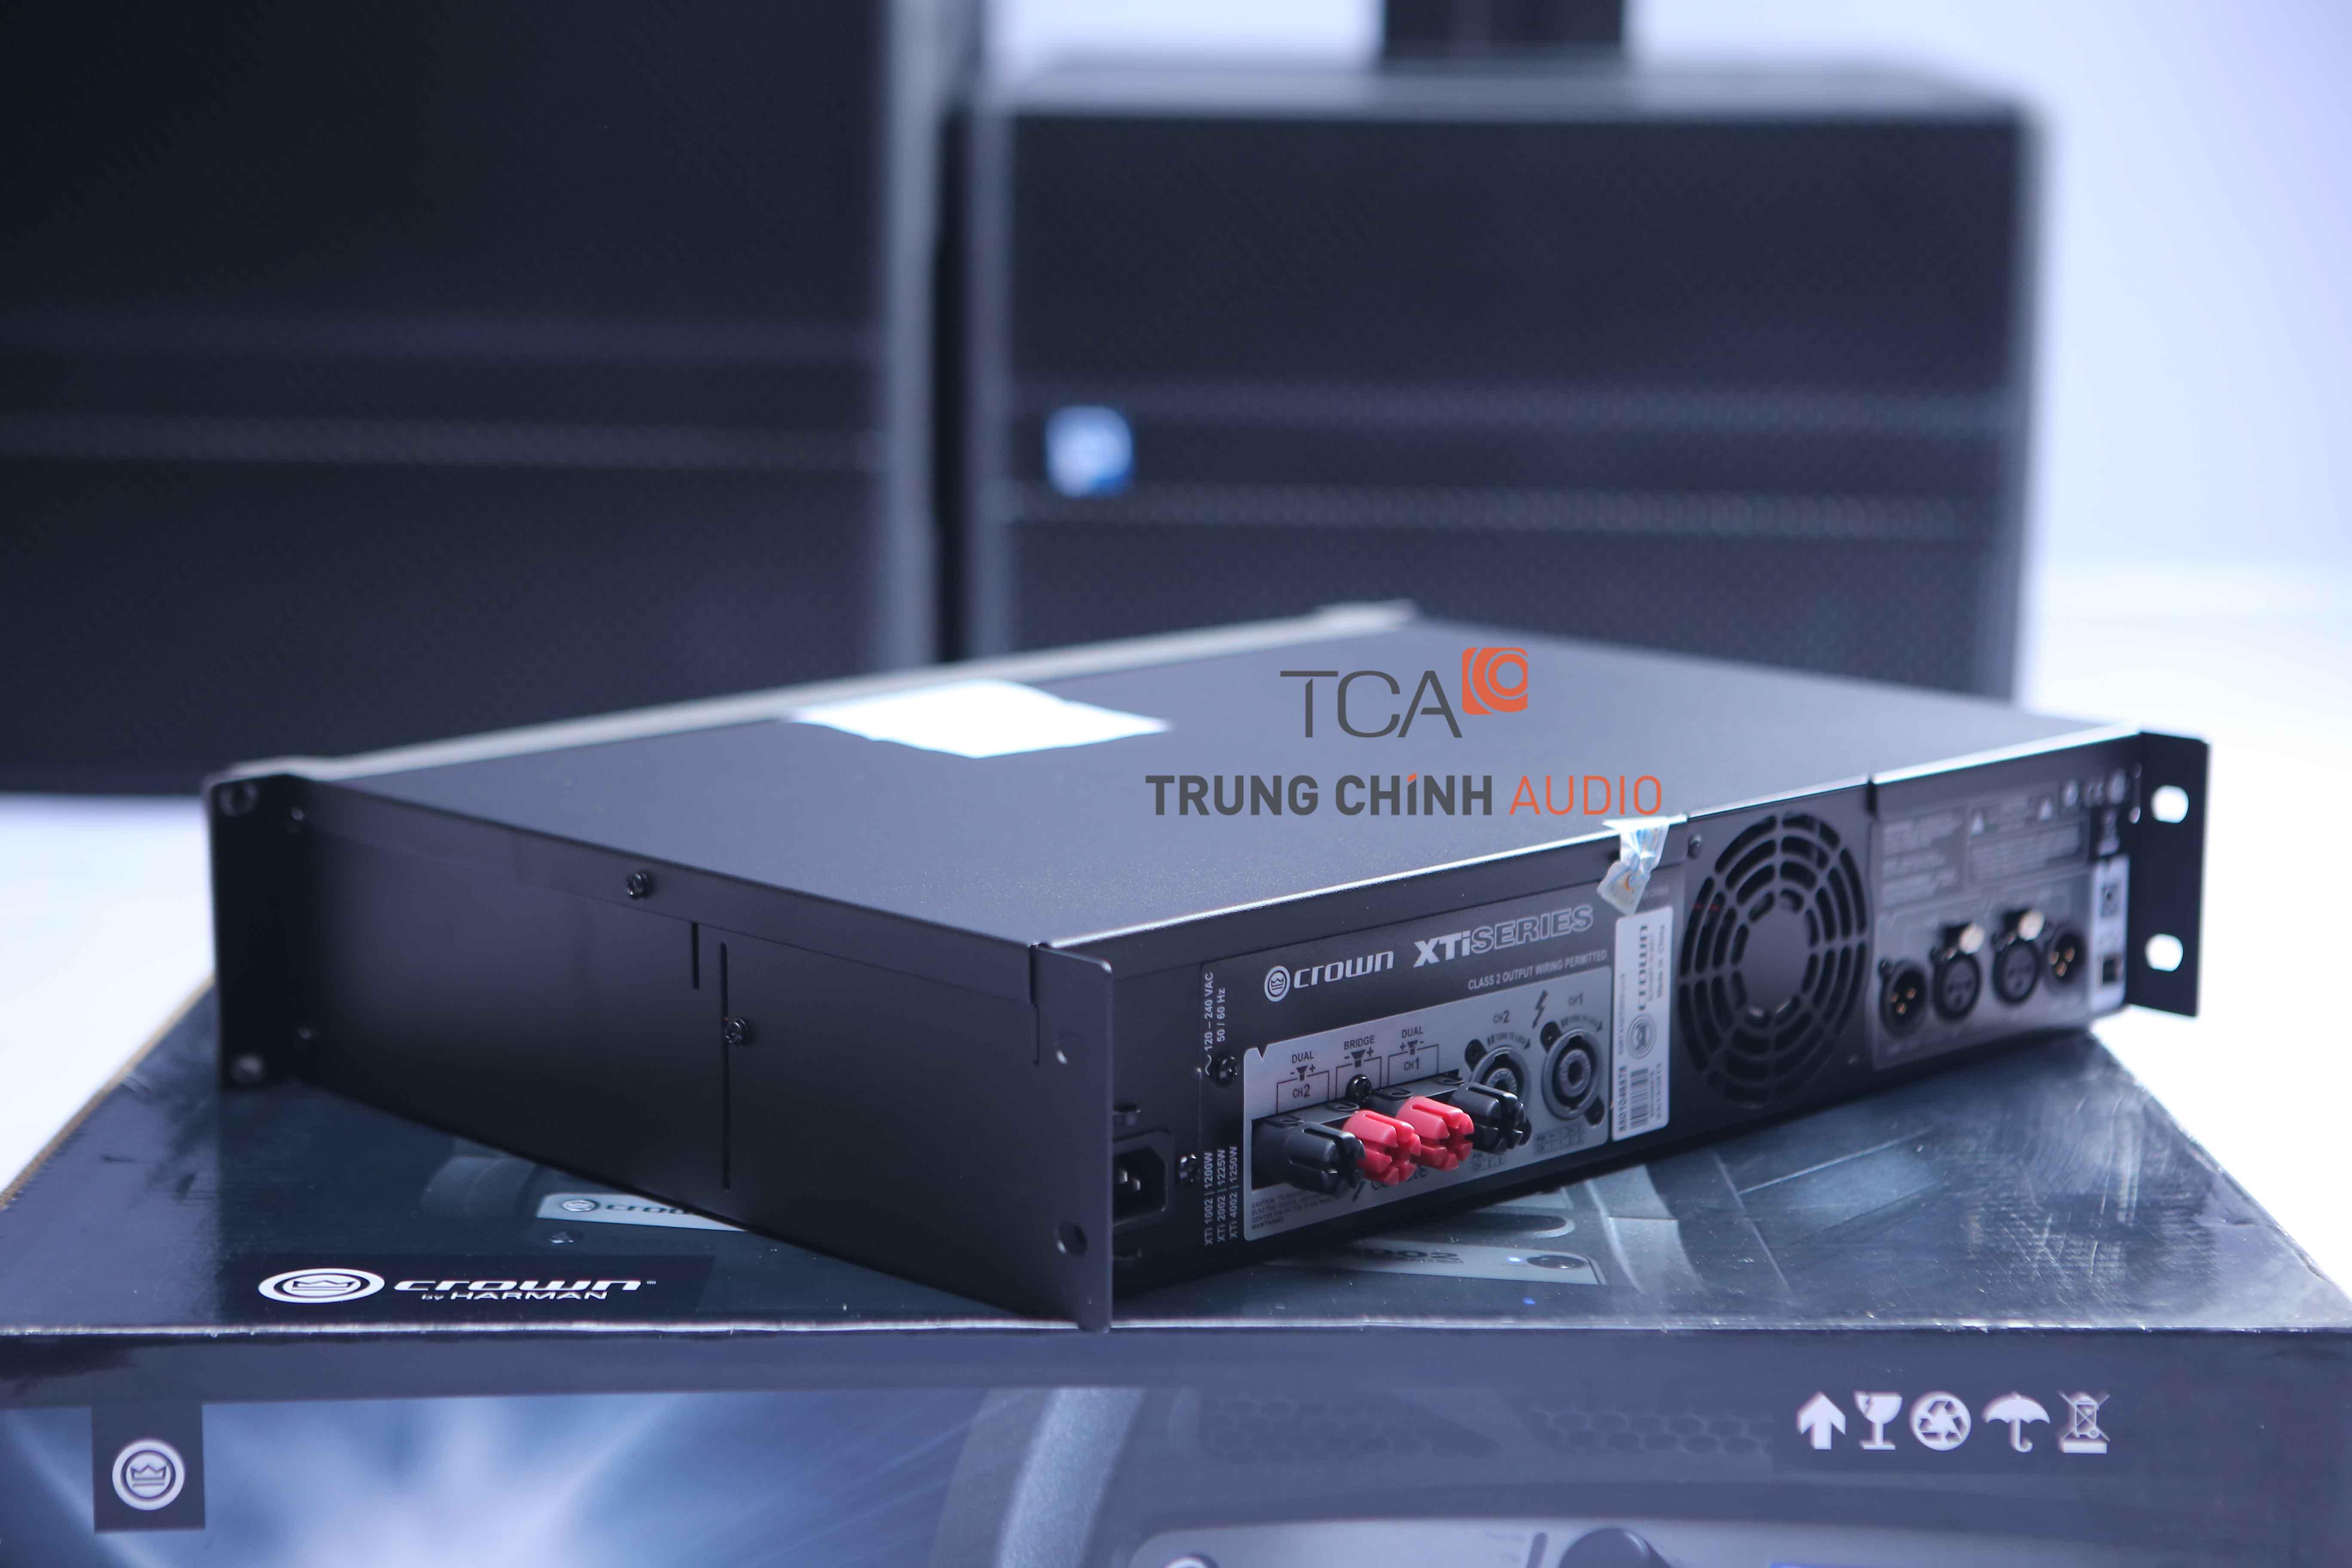 Crown XTi 2002 : Bộ khuếch đại công suất